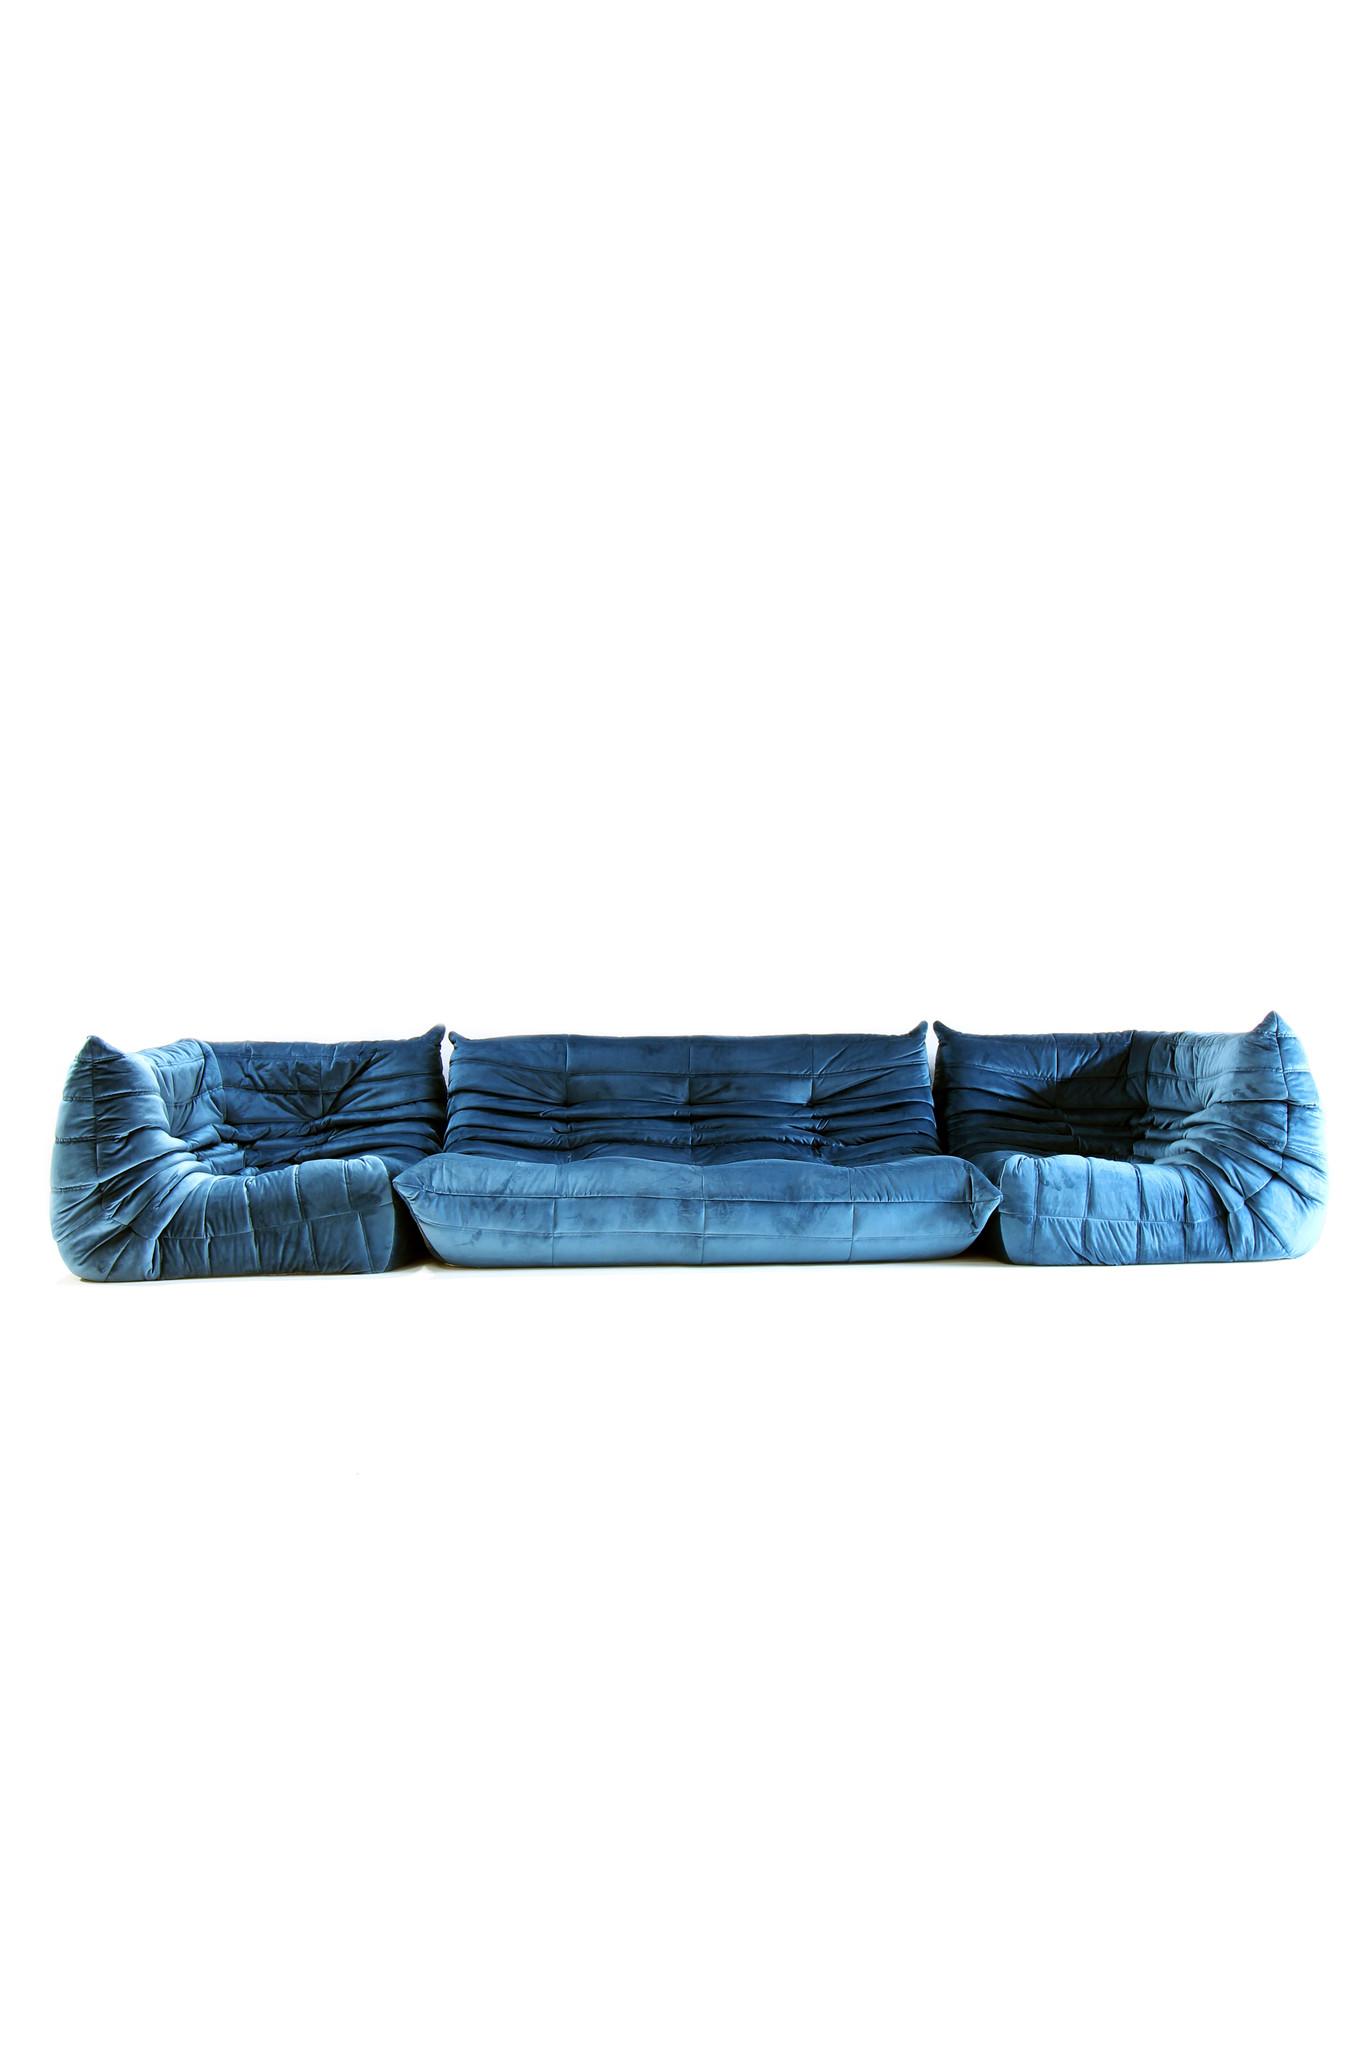 Ligne roset salon petroleum blauw velour